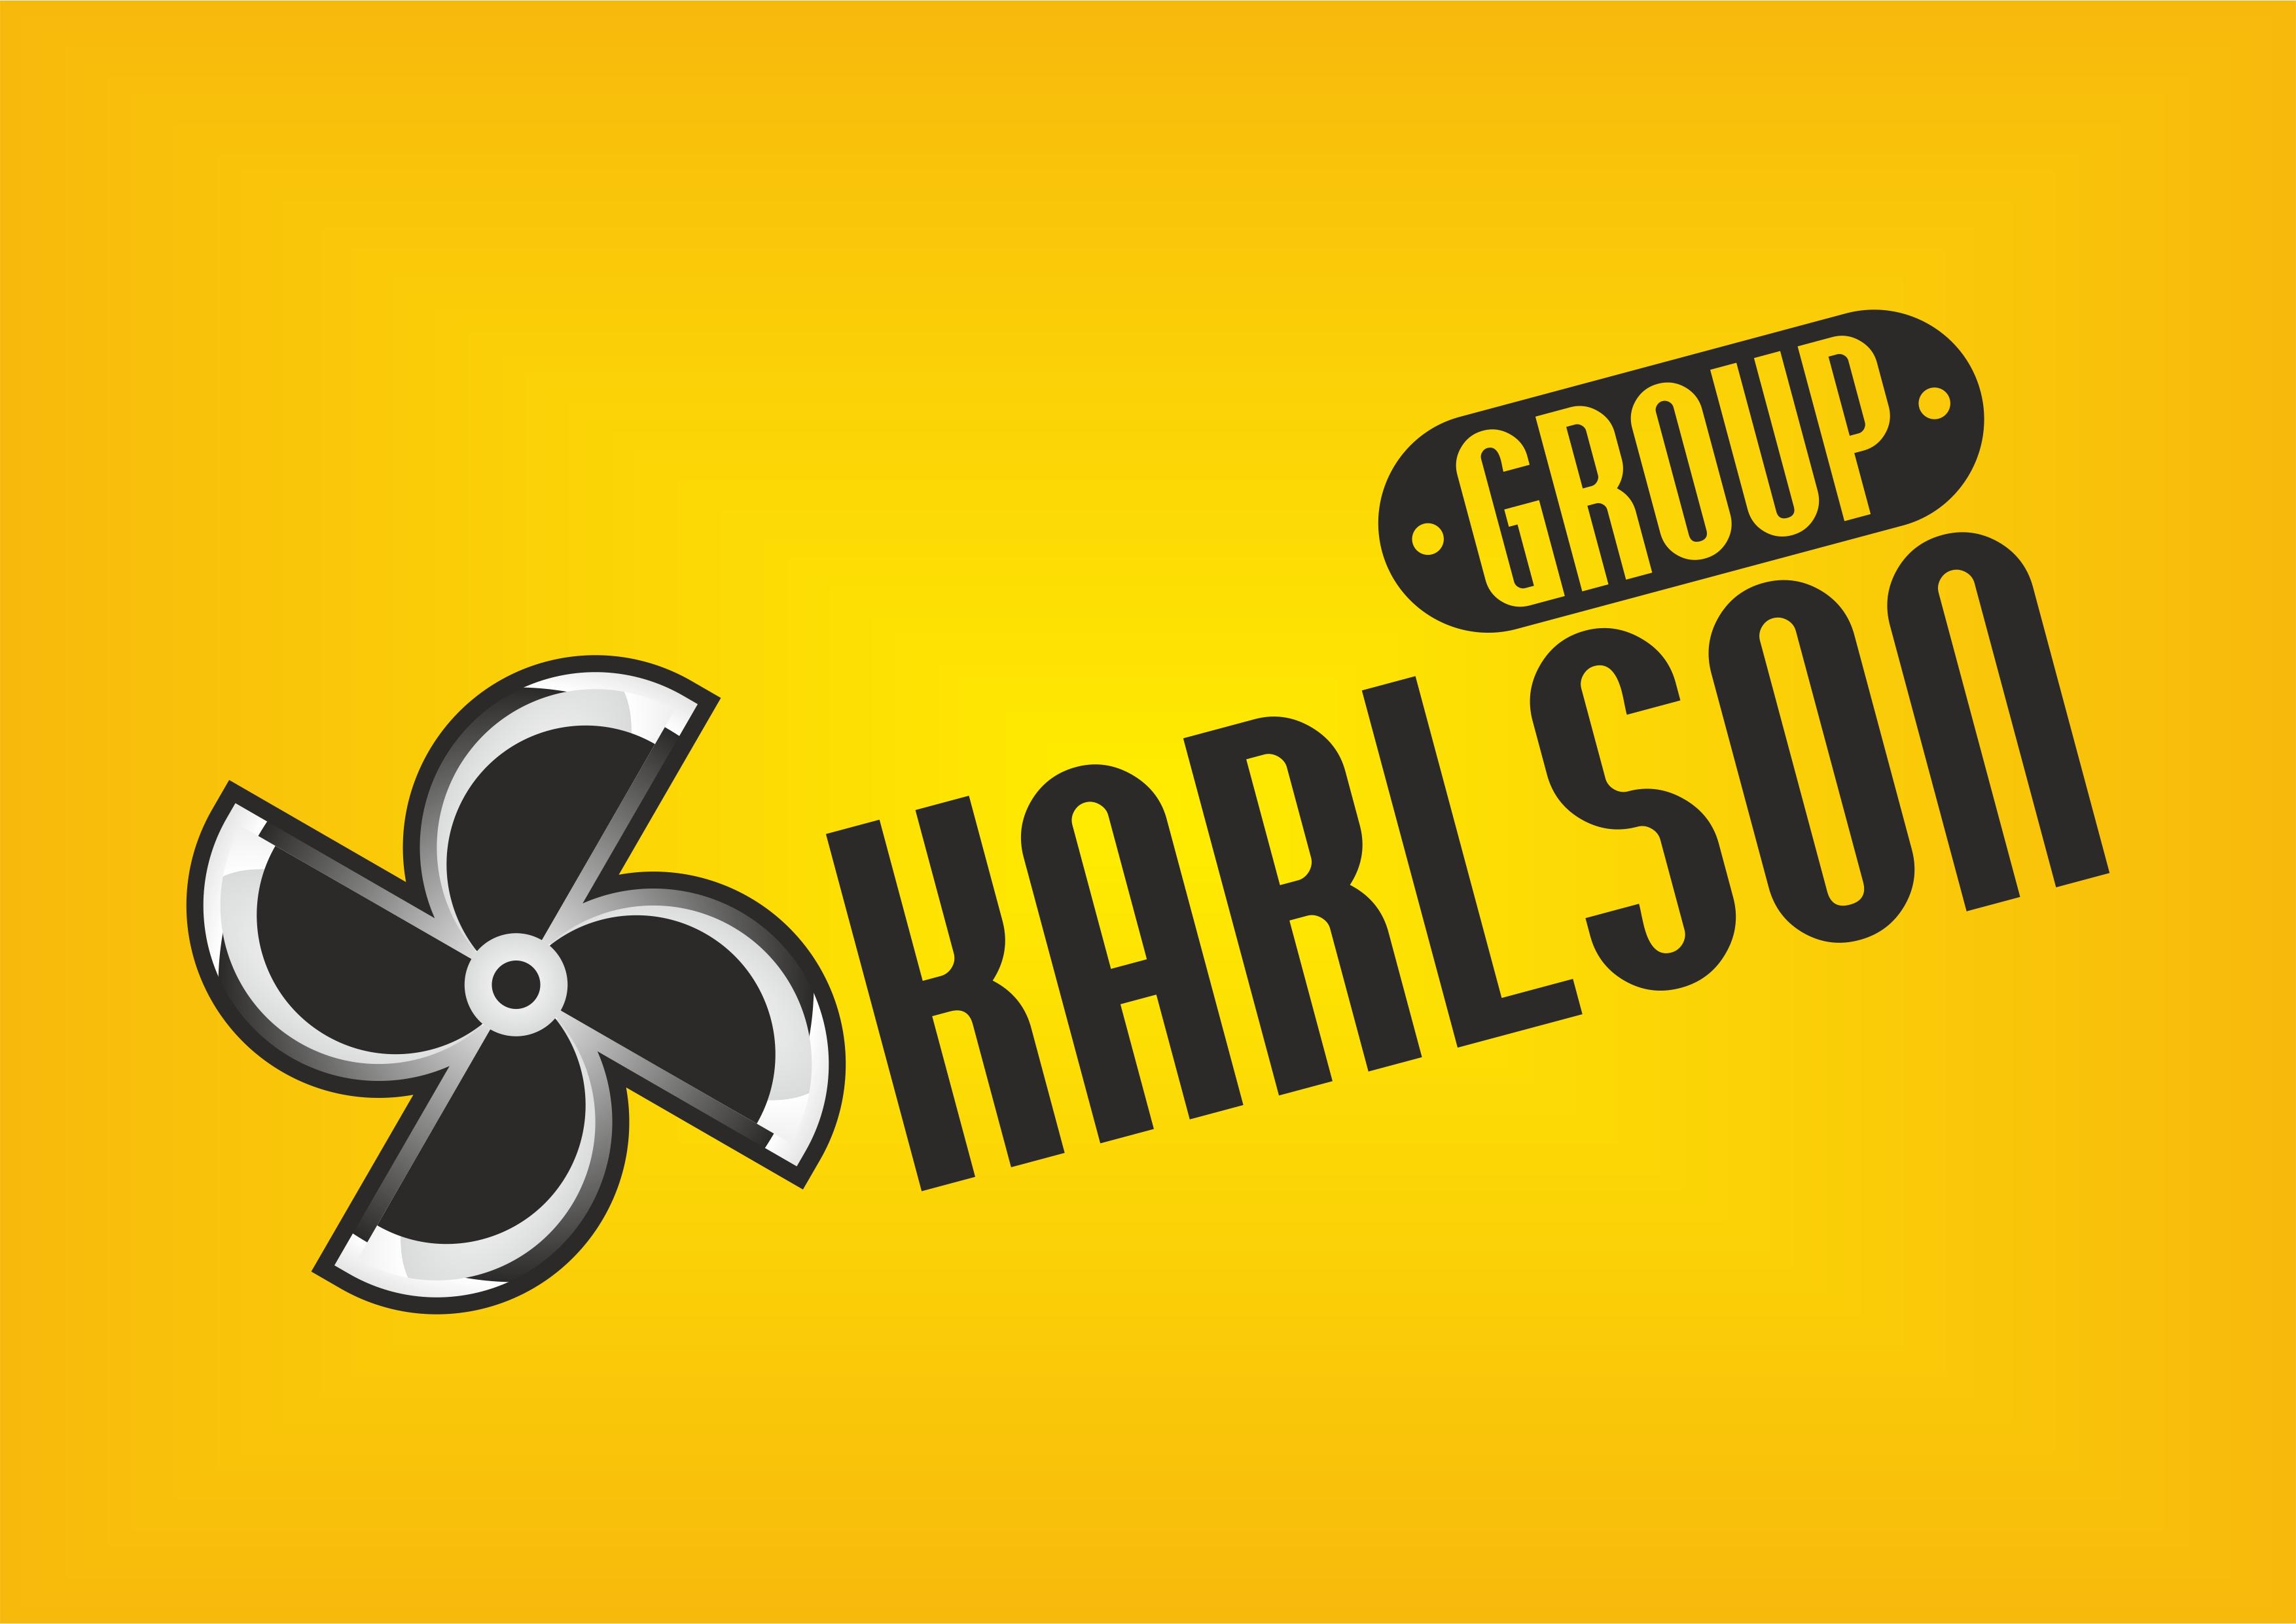 Придумать классный логотип фото f_8005986e4bbabf82.jpg